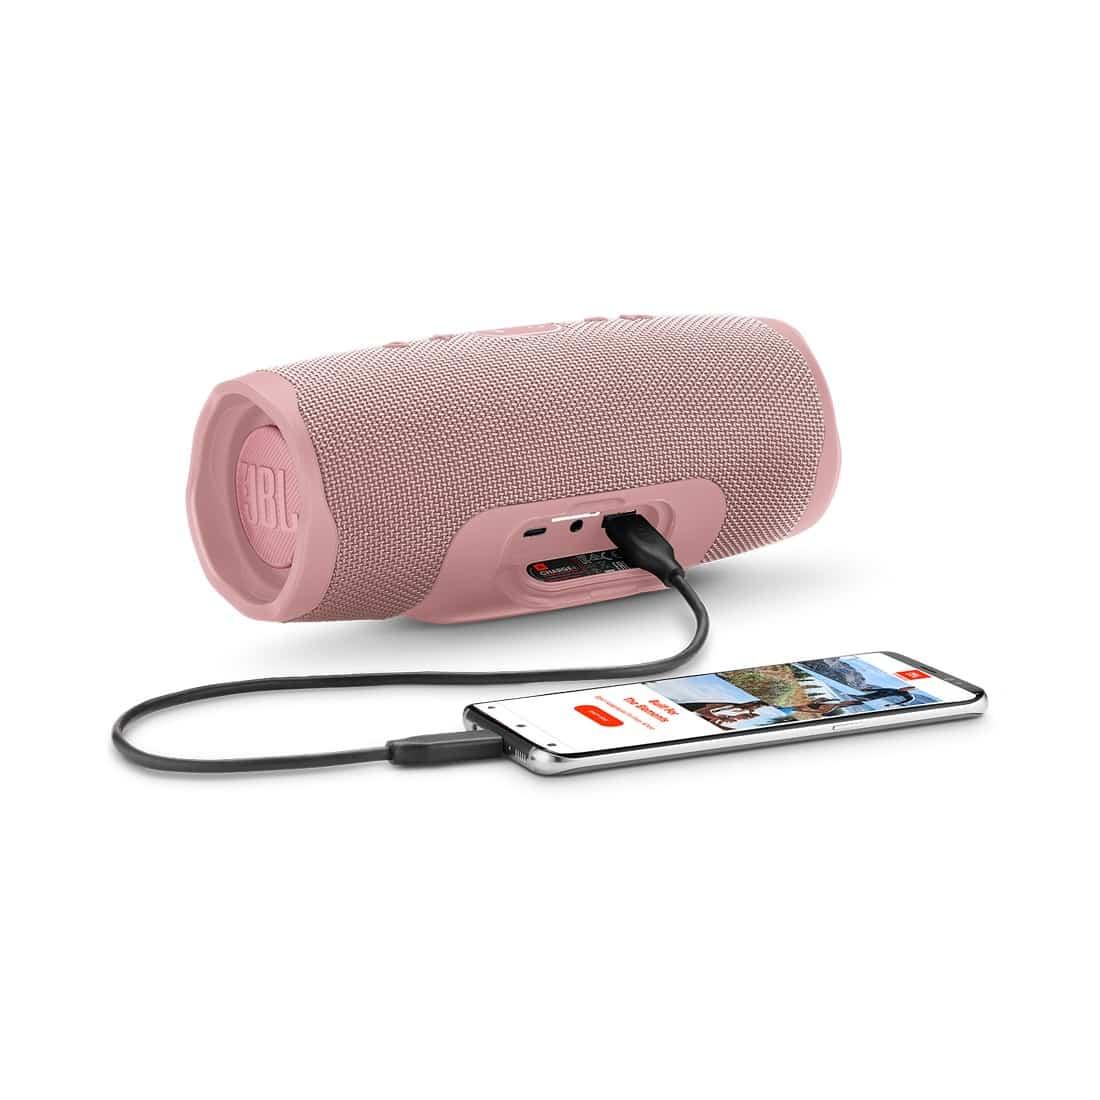 รูป JBL Charge4 Phone DustyPink 1605x1605px ประกอบเนื้อหา ใหม่! ลำโพงบลูทูธแบบพกพา JBL Charge4 อัพเกรดใหม่เร้าใจกว่าเดิม พร้อมวางจำหน่ายแล้วที่ตัวแทนจำหน่ายทั่วประเทศ